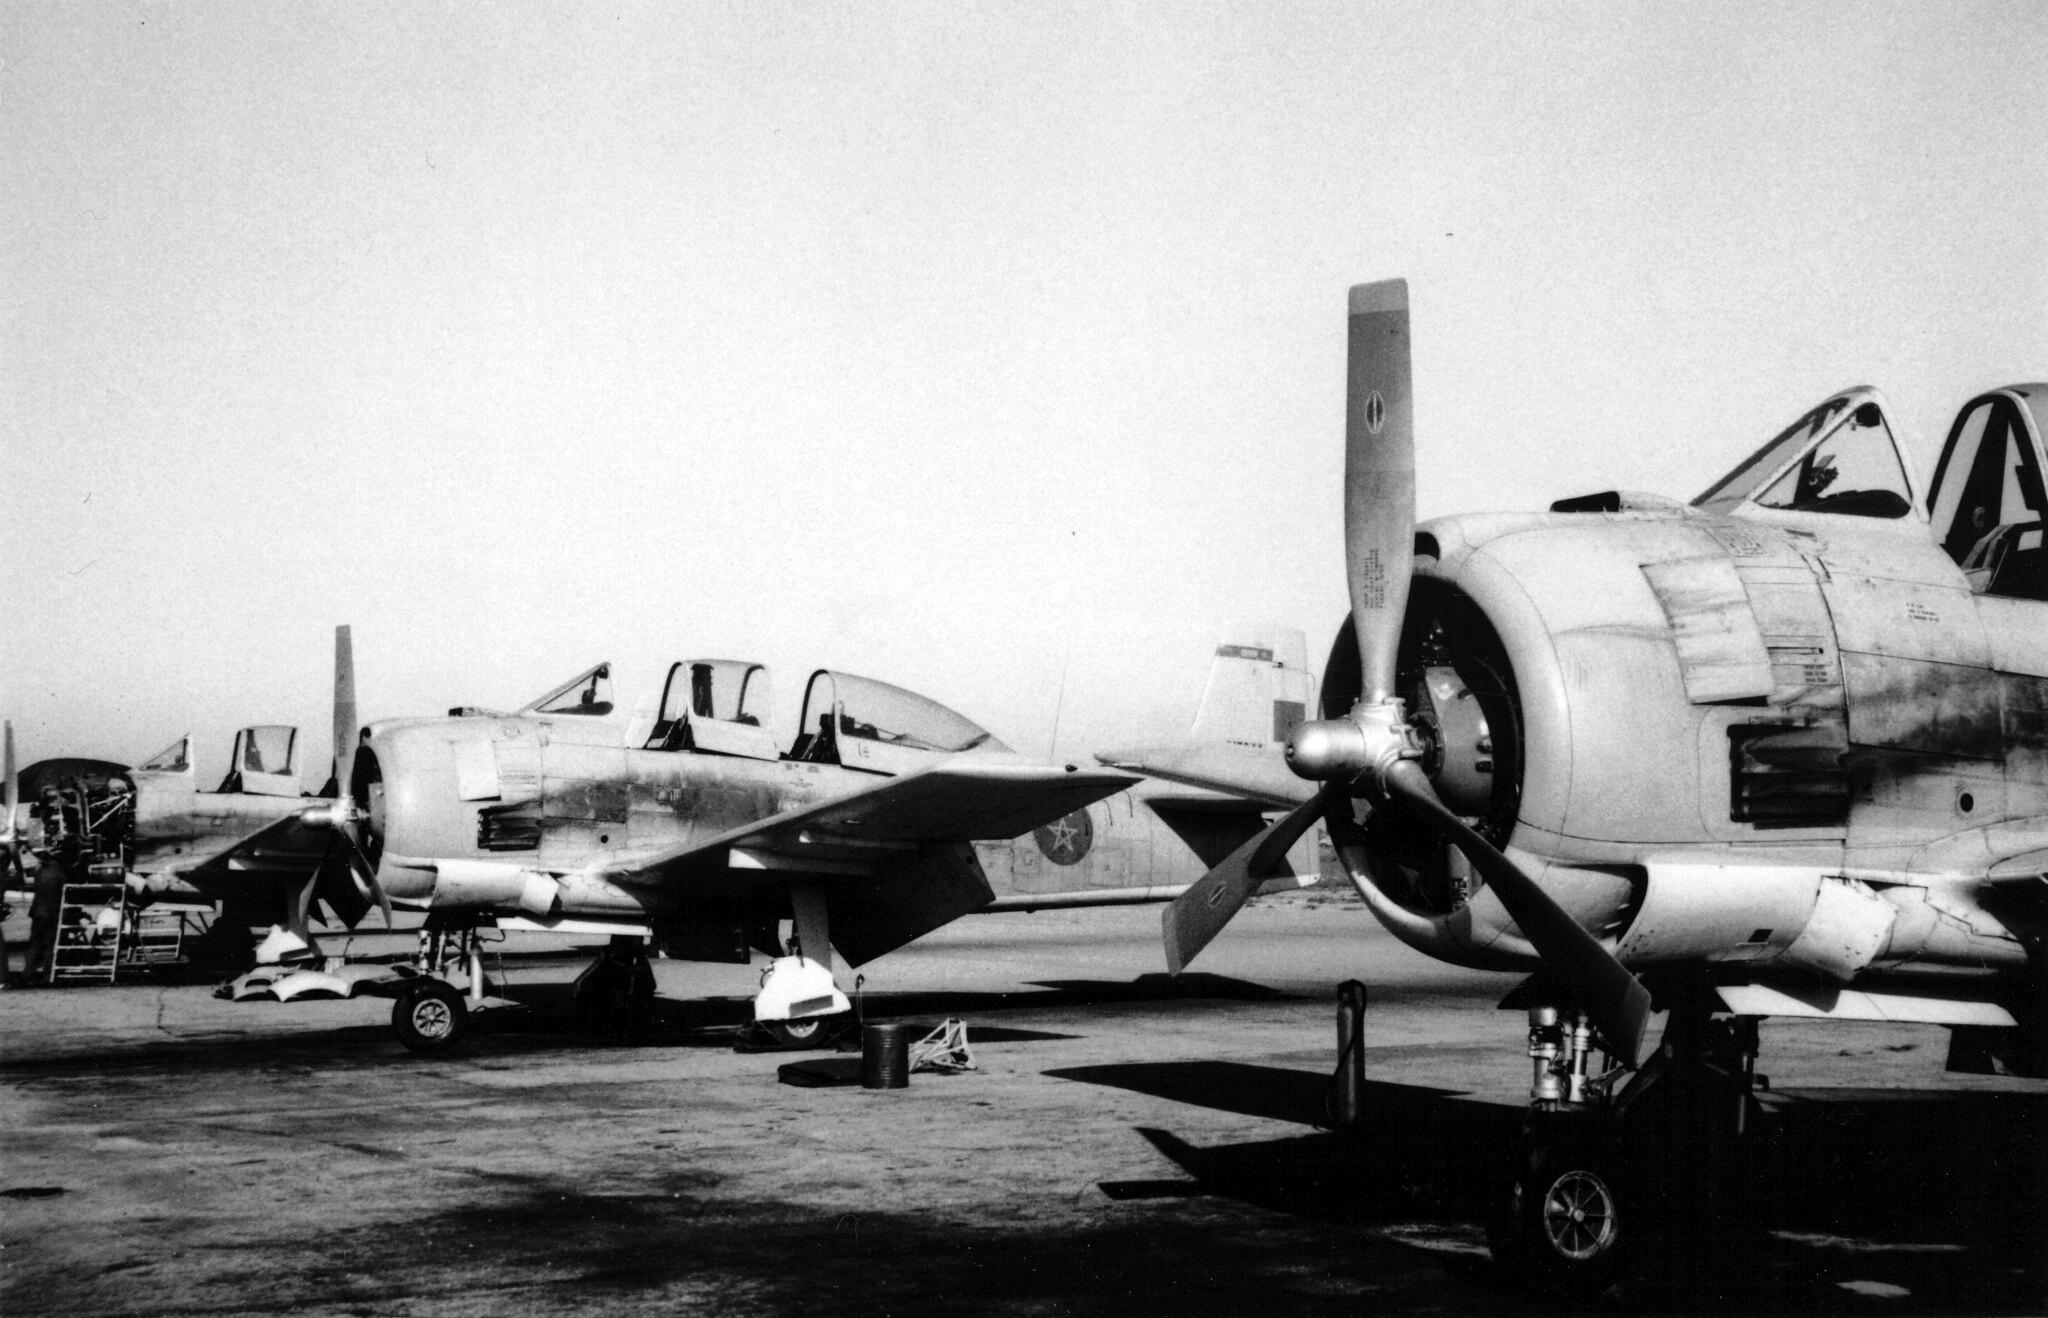 FRA: Photos anciens avions des FRA - Page 13 49014572581_d43a035d49_k